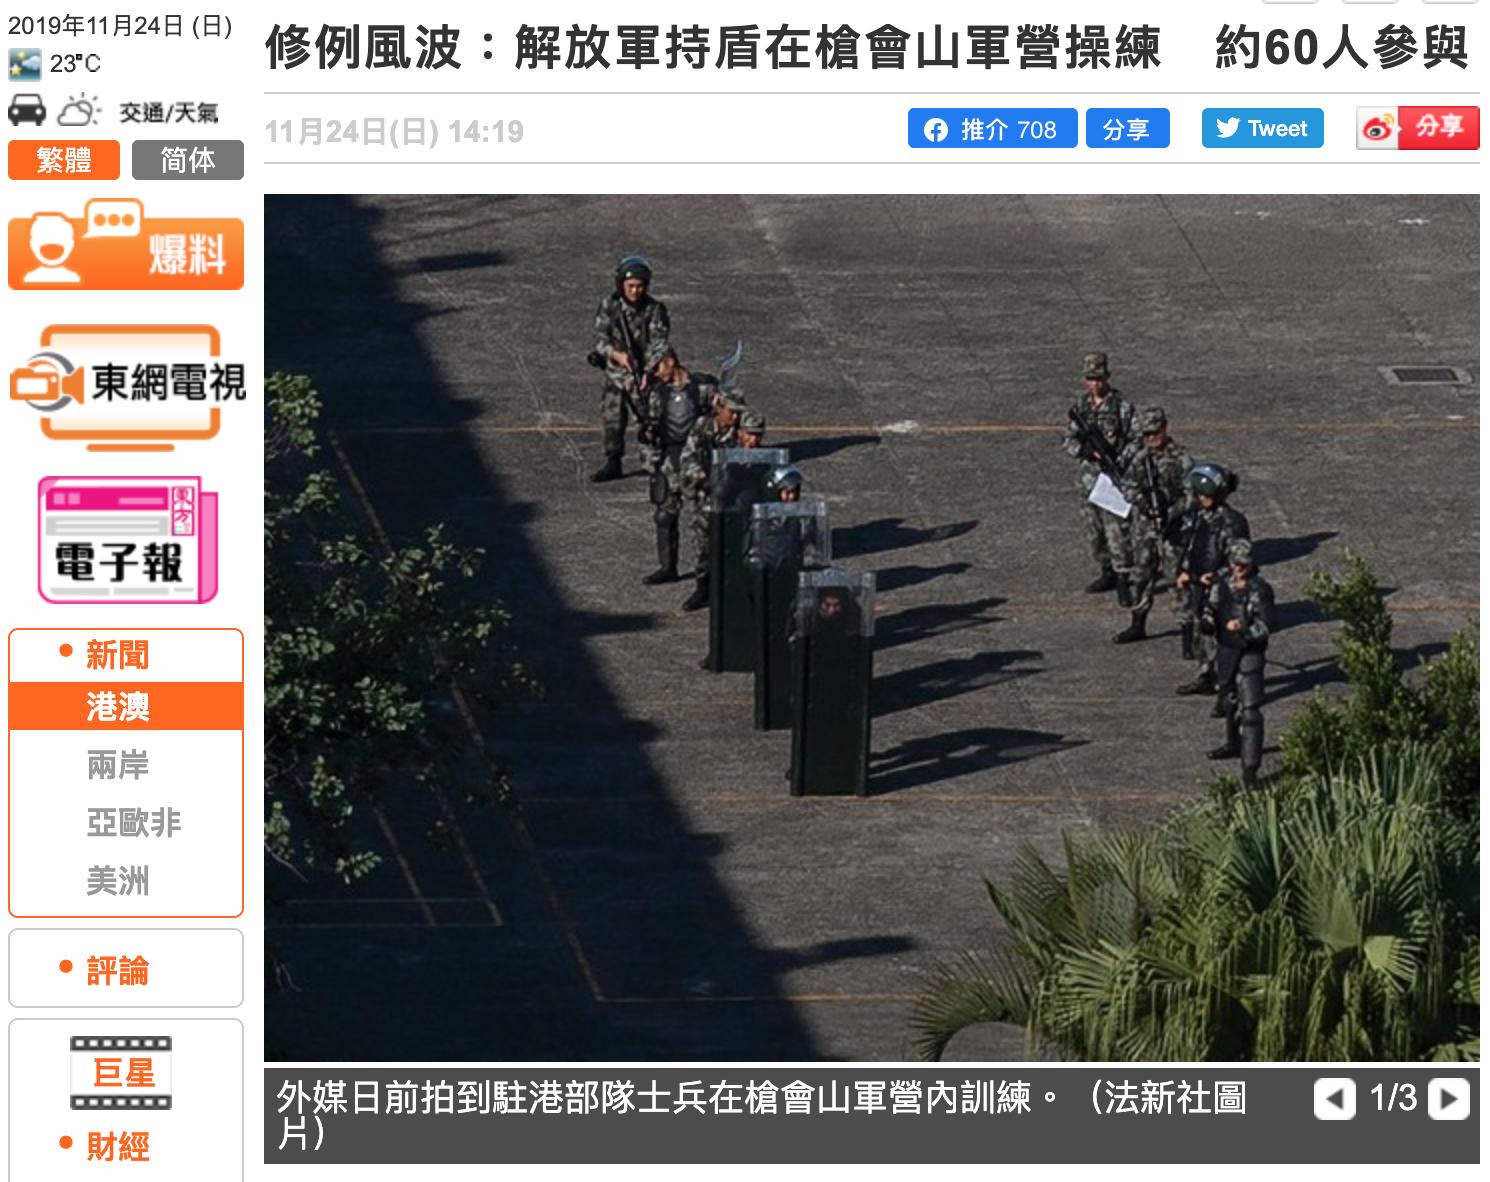 港媒:解放军持盾于枪会山军营操练 约六十人参与_图1-1